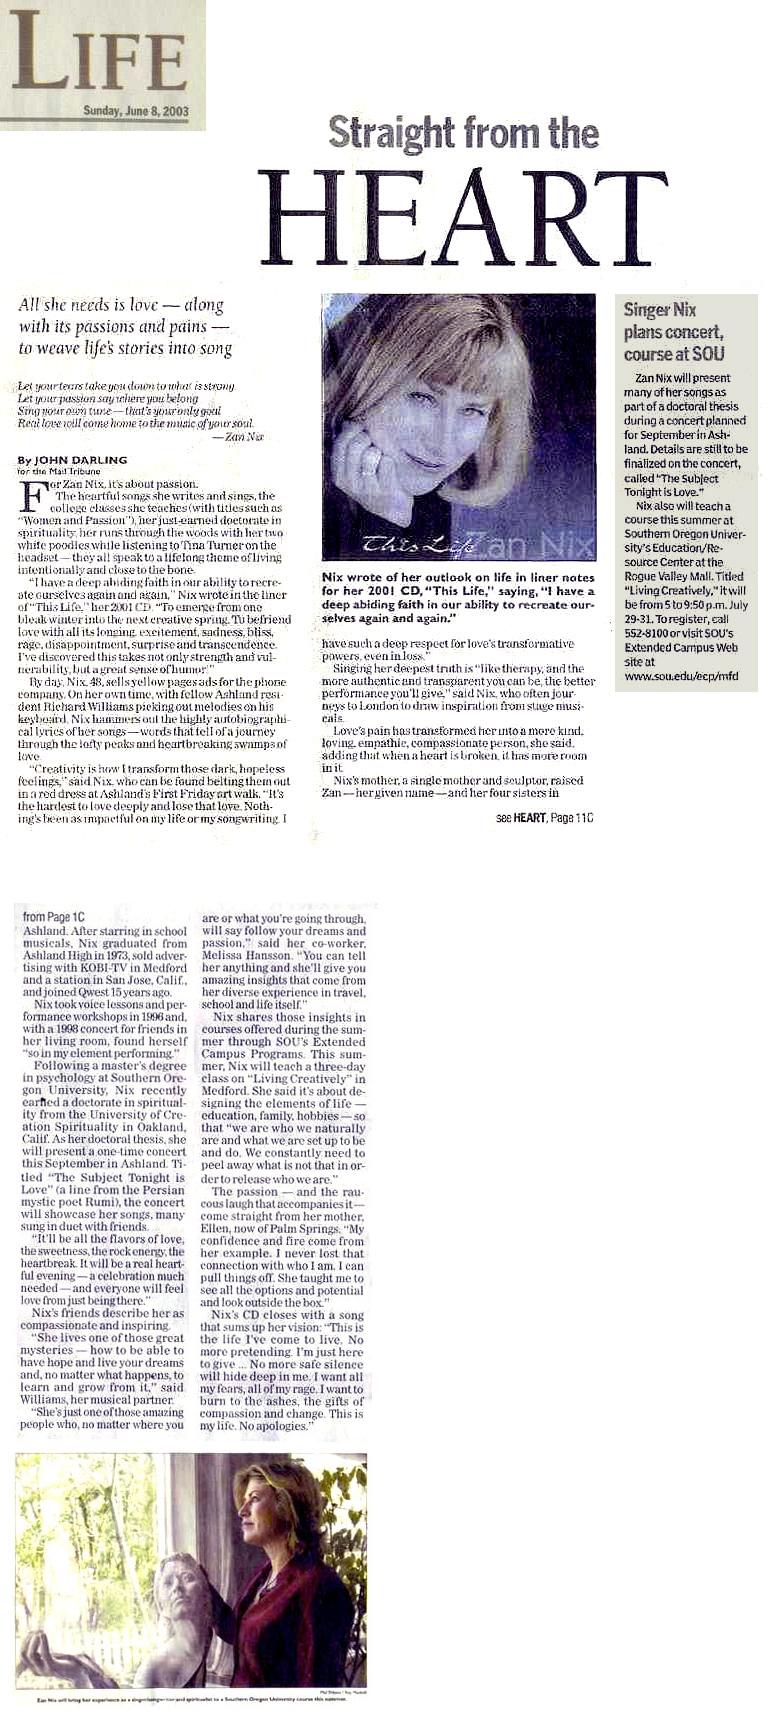 article-life-June-8-2003